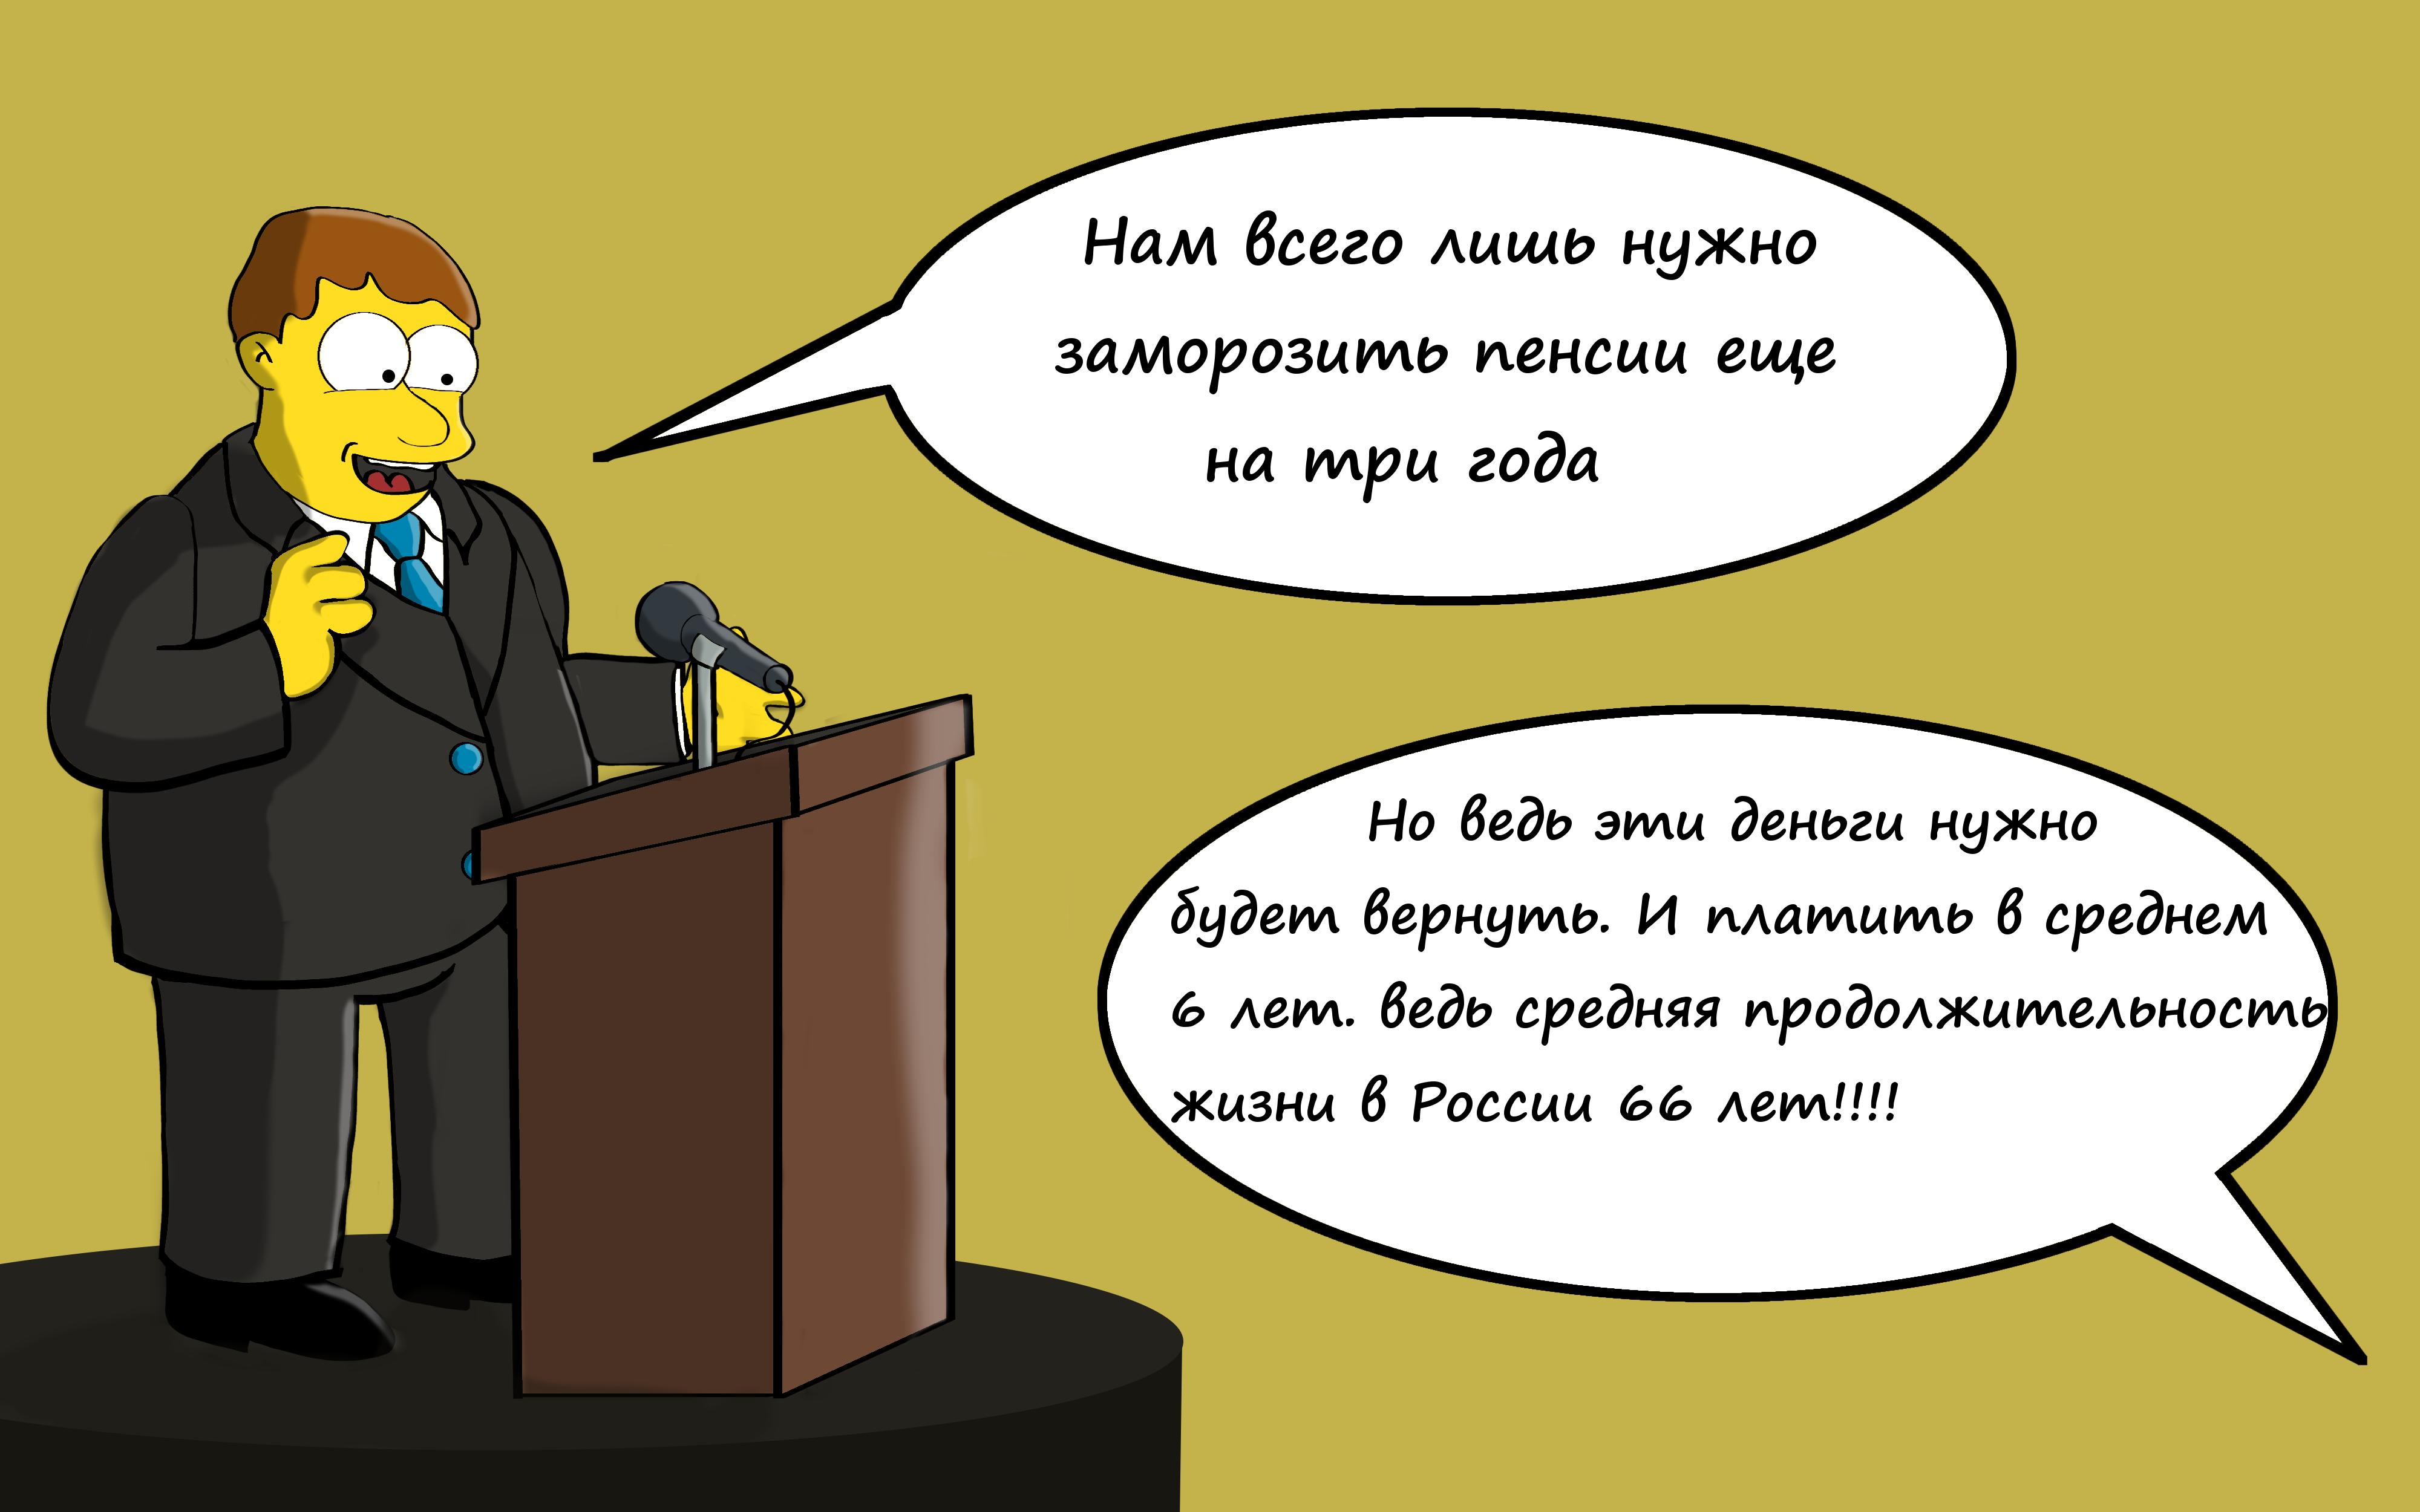 комикс про депутата